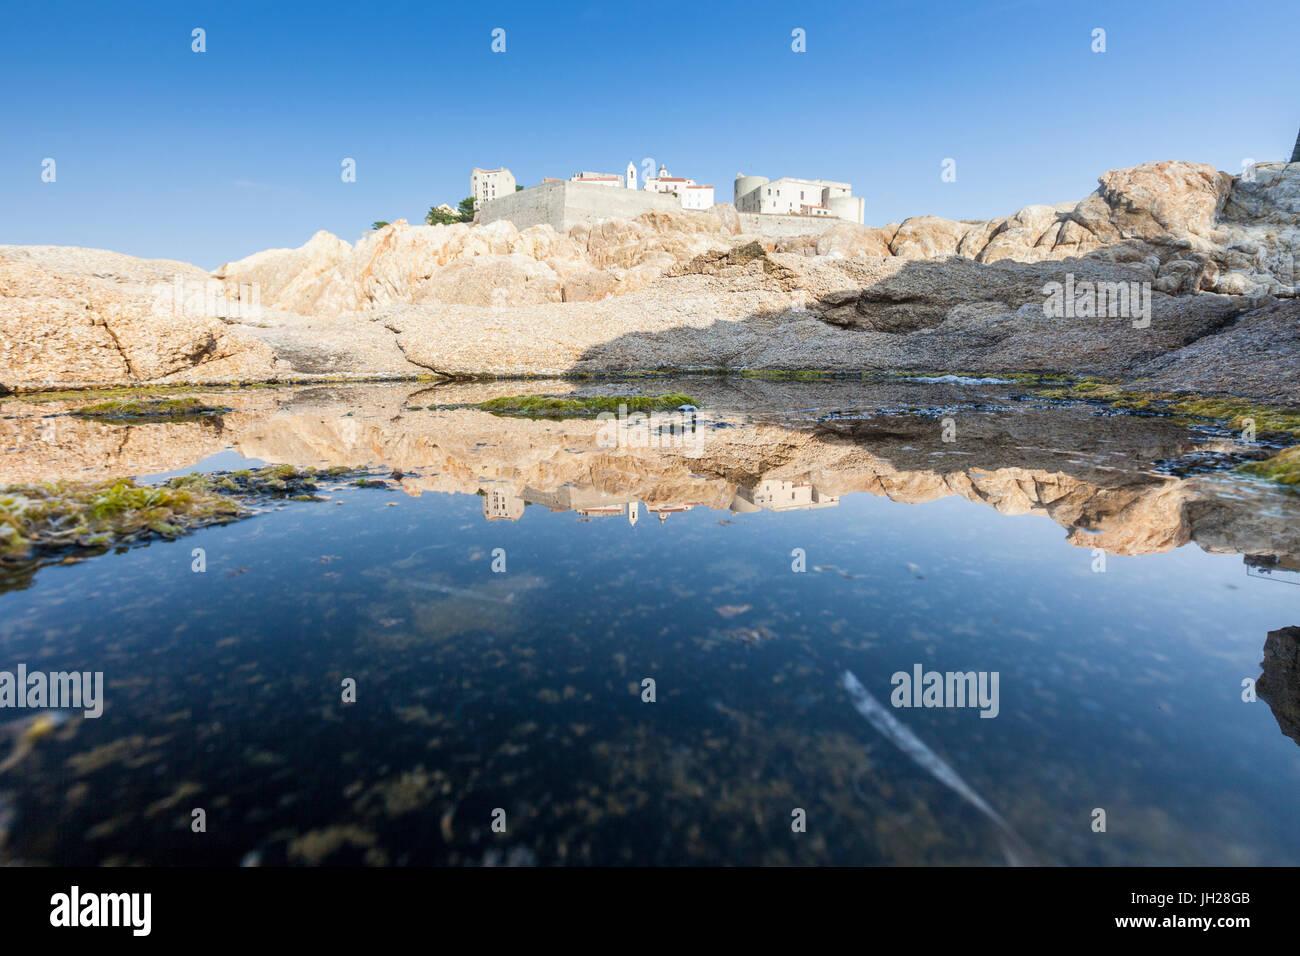 L'ancienne citadelle fortifiée reflète dans le bleu de la mer, Calvi, Balagne, Corse, France, Europe, Photo Stock